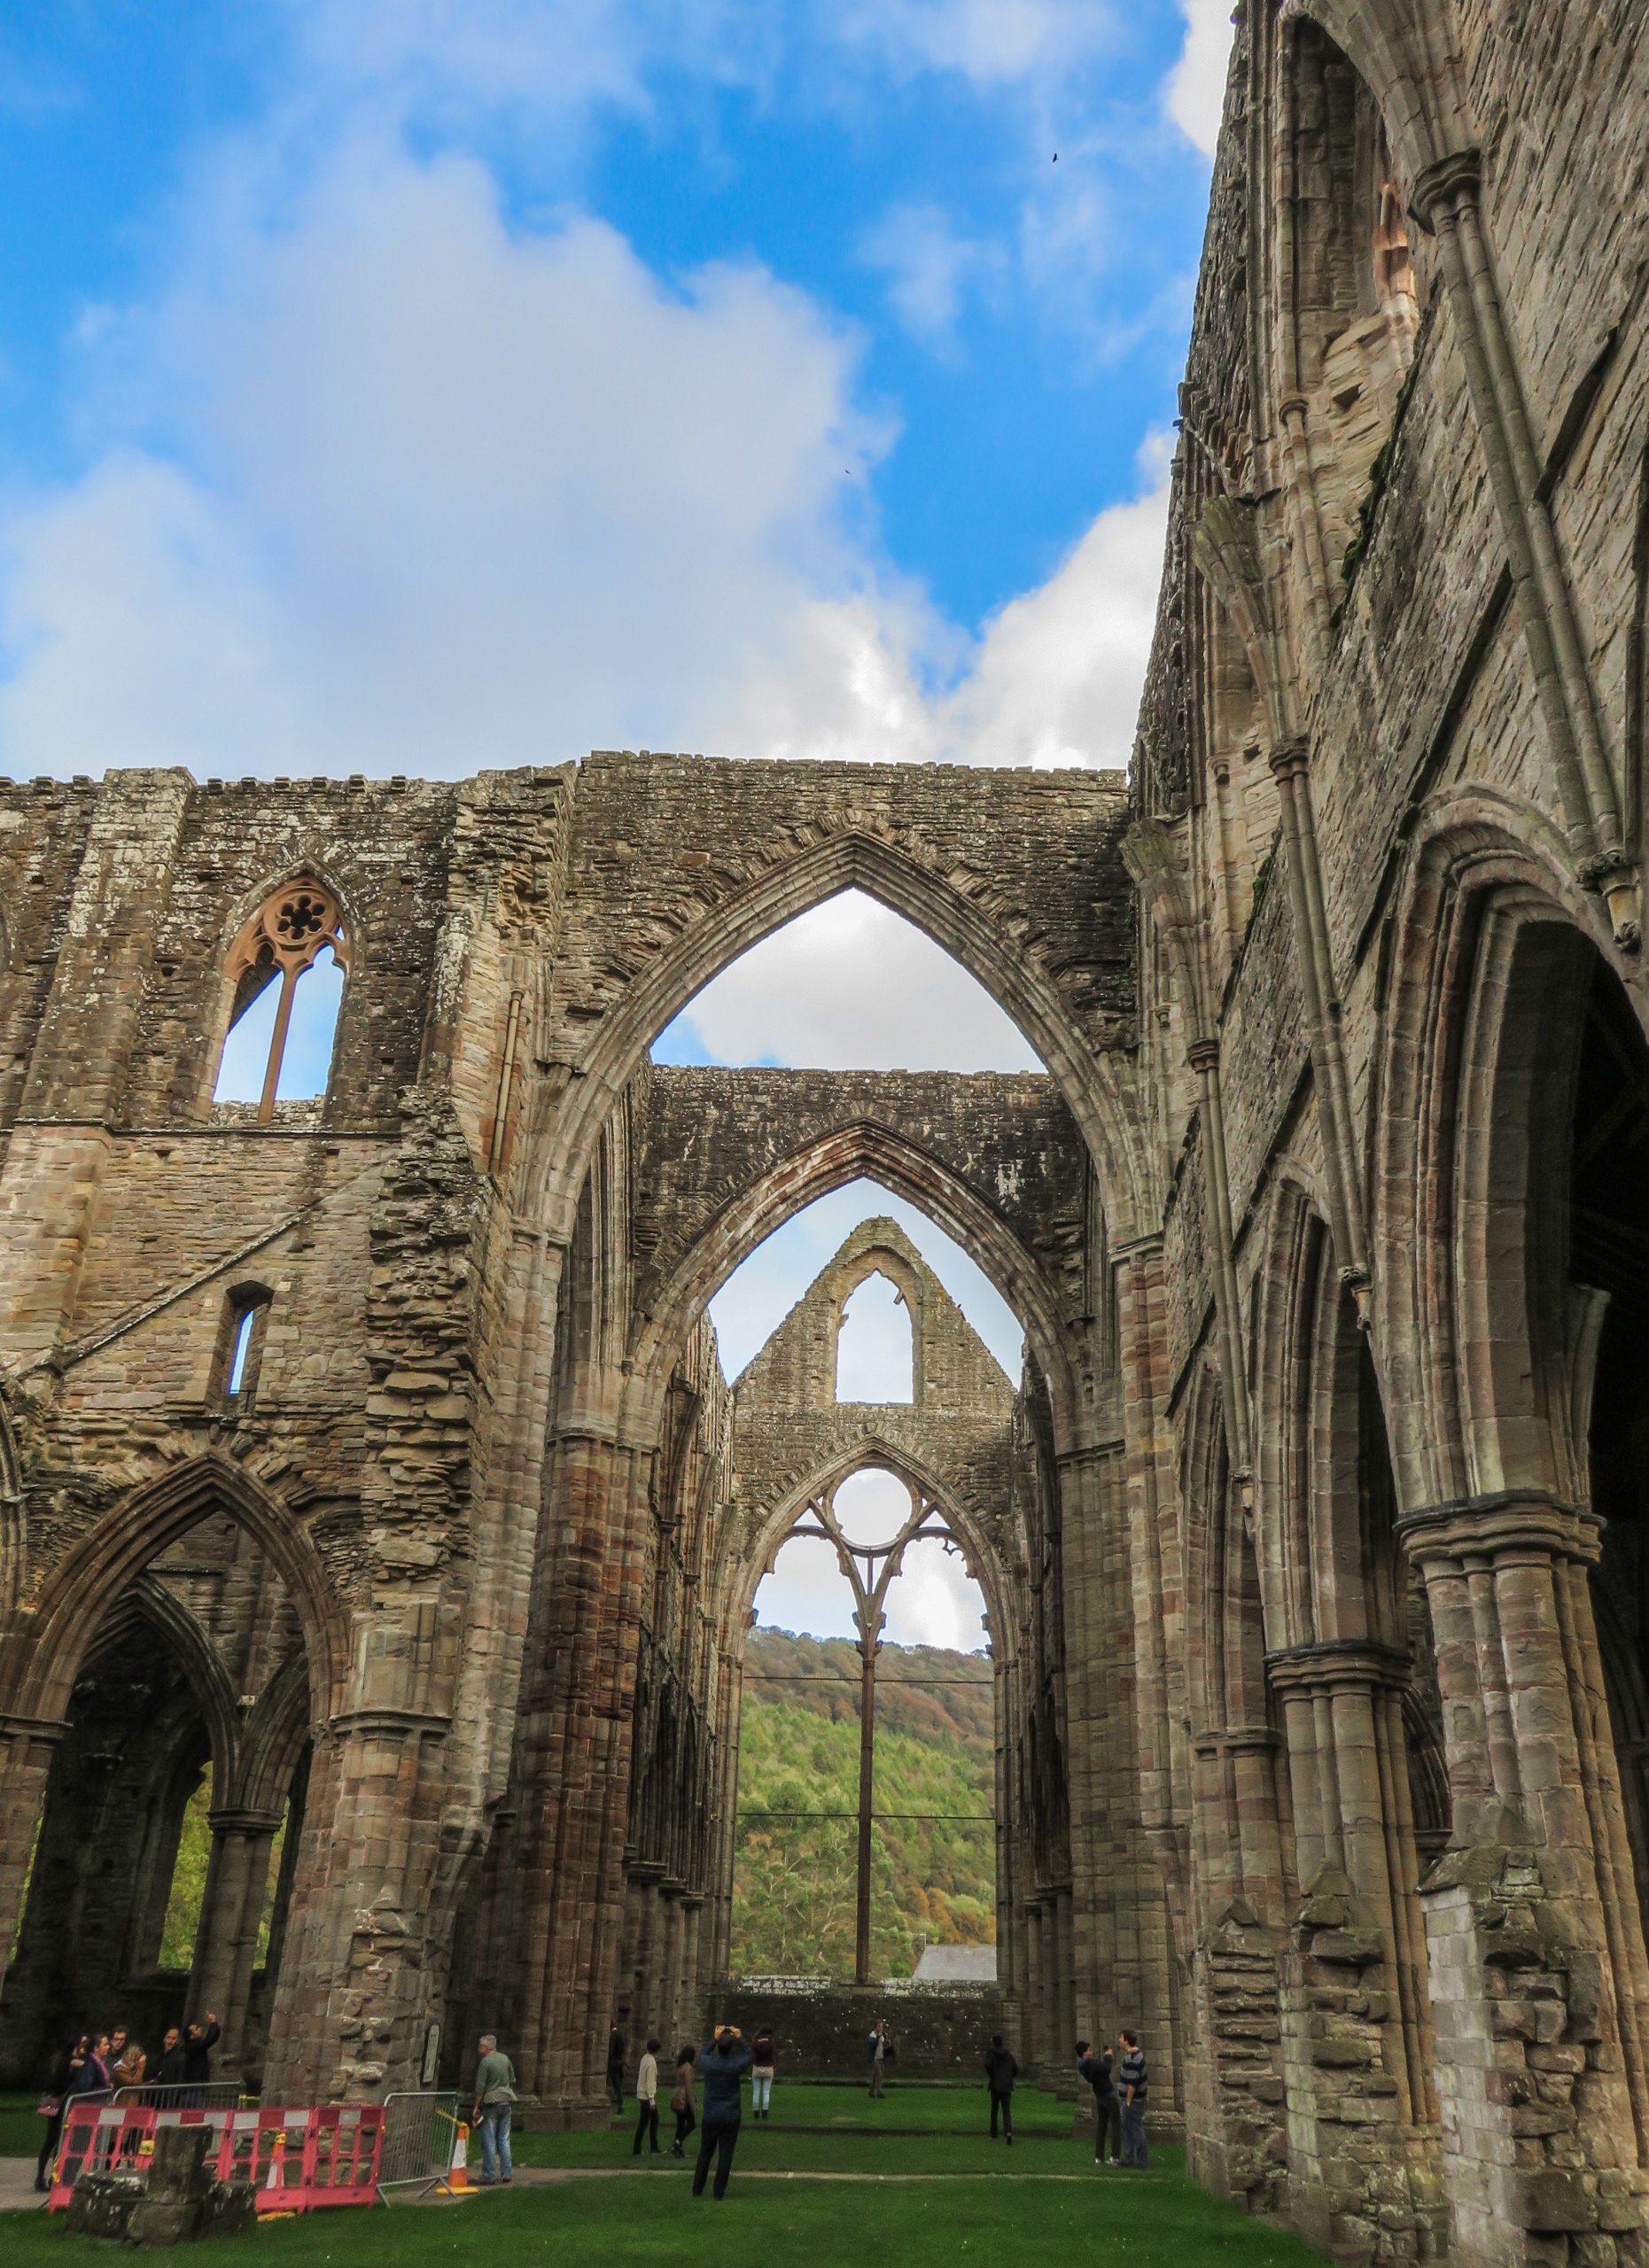 tintern abbey transcept